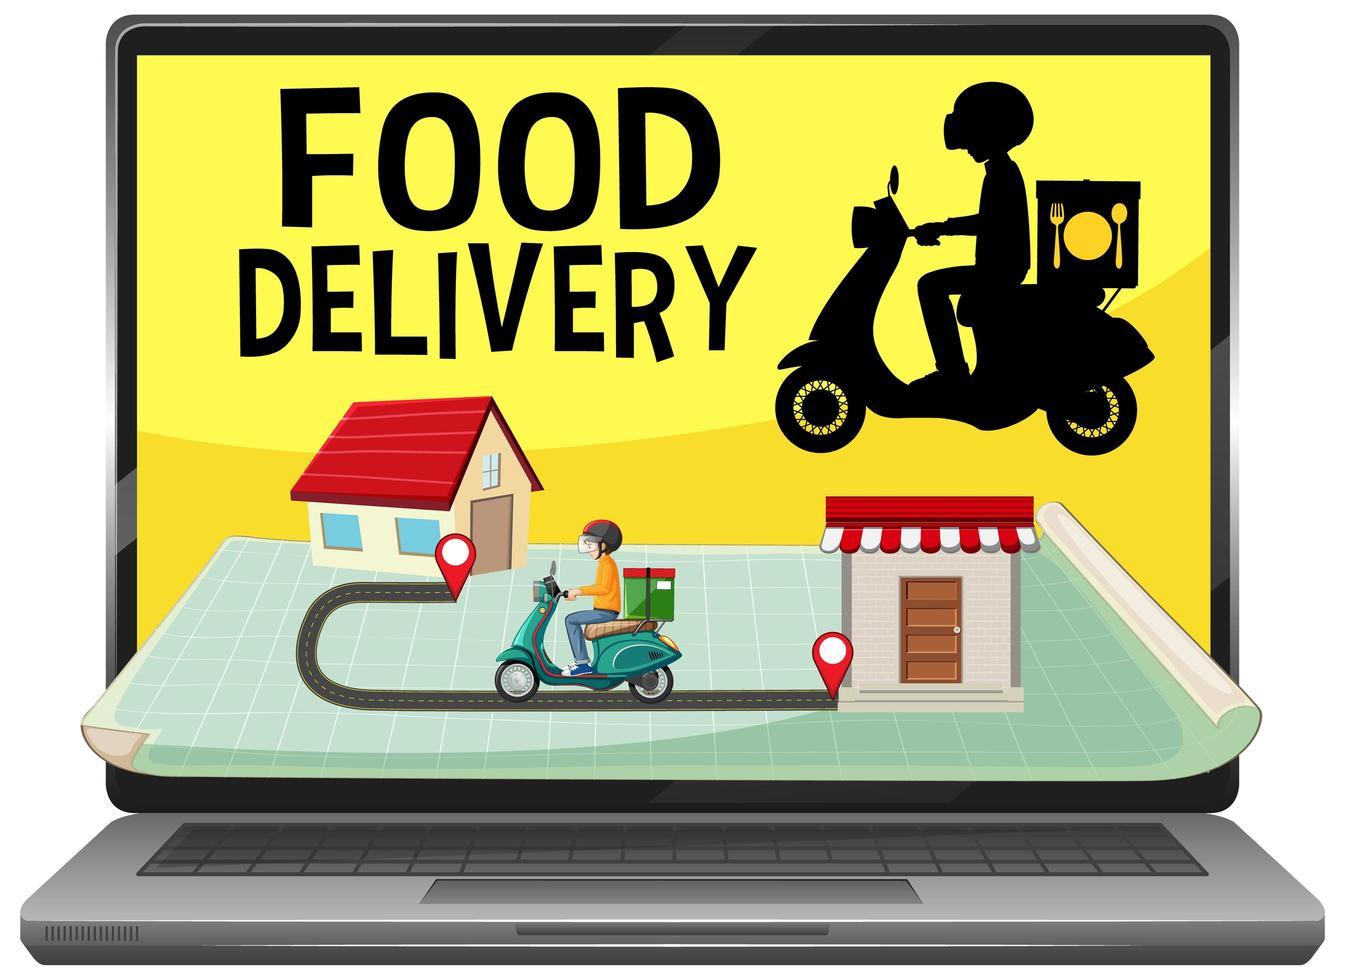 Anwendung zur Lieferung von Lebensmitteln auf dem Bildschirm vektor